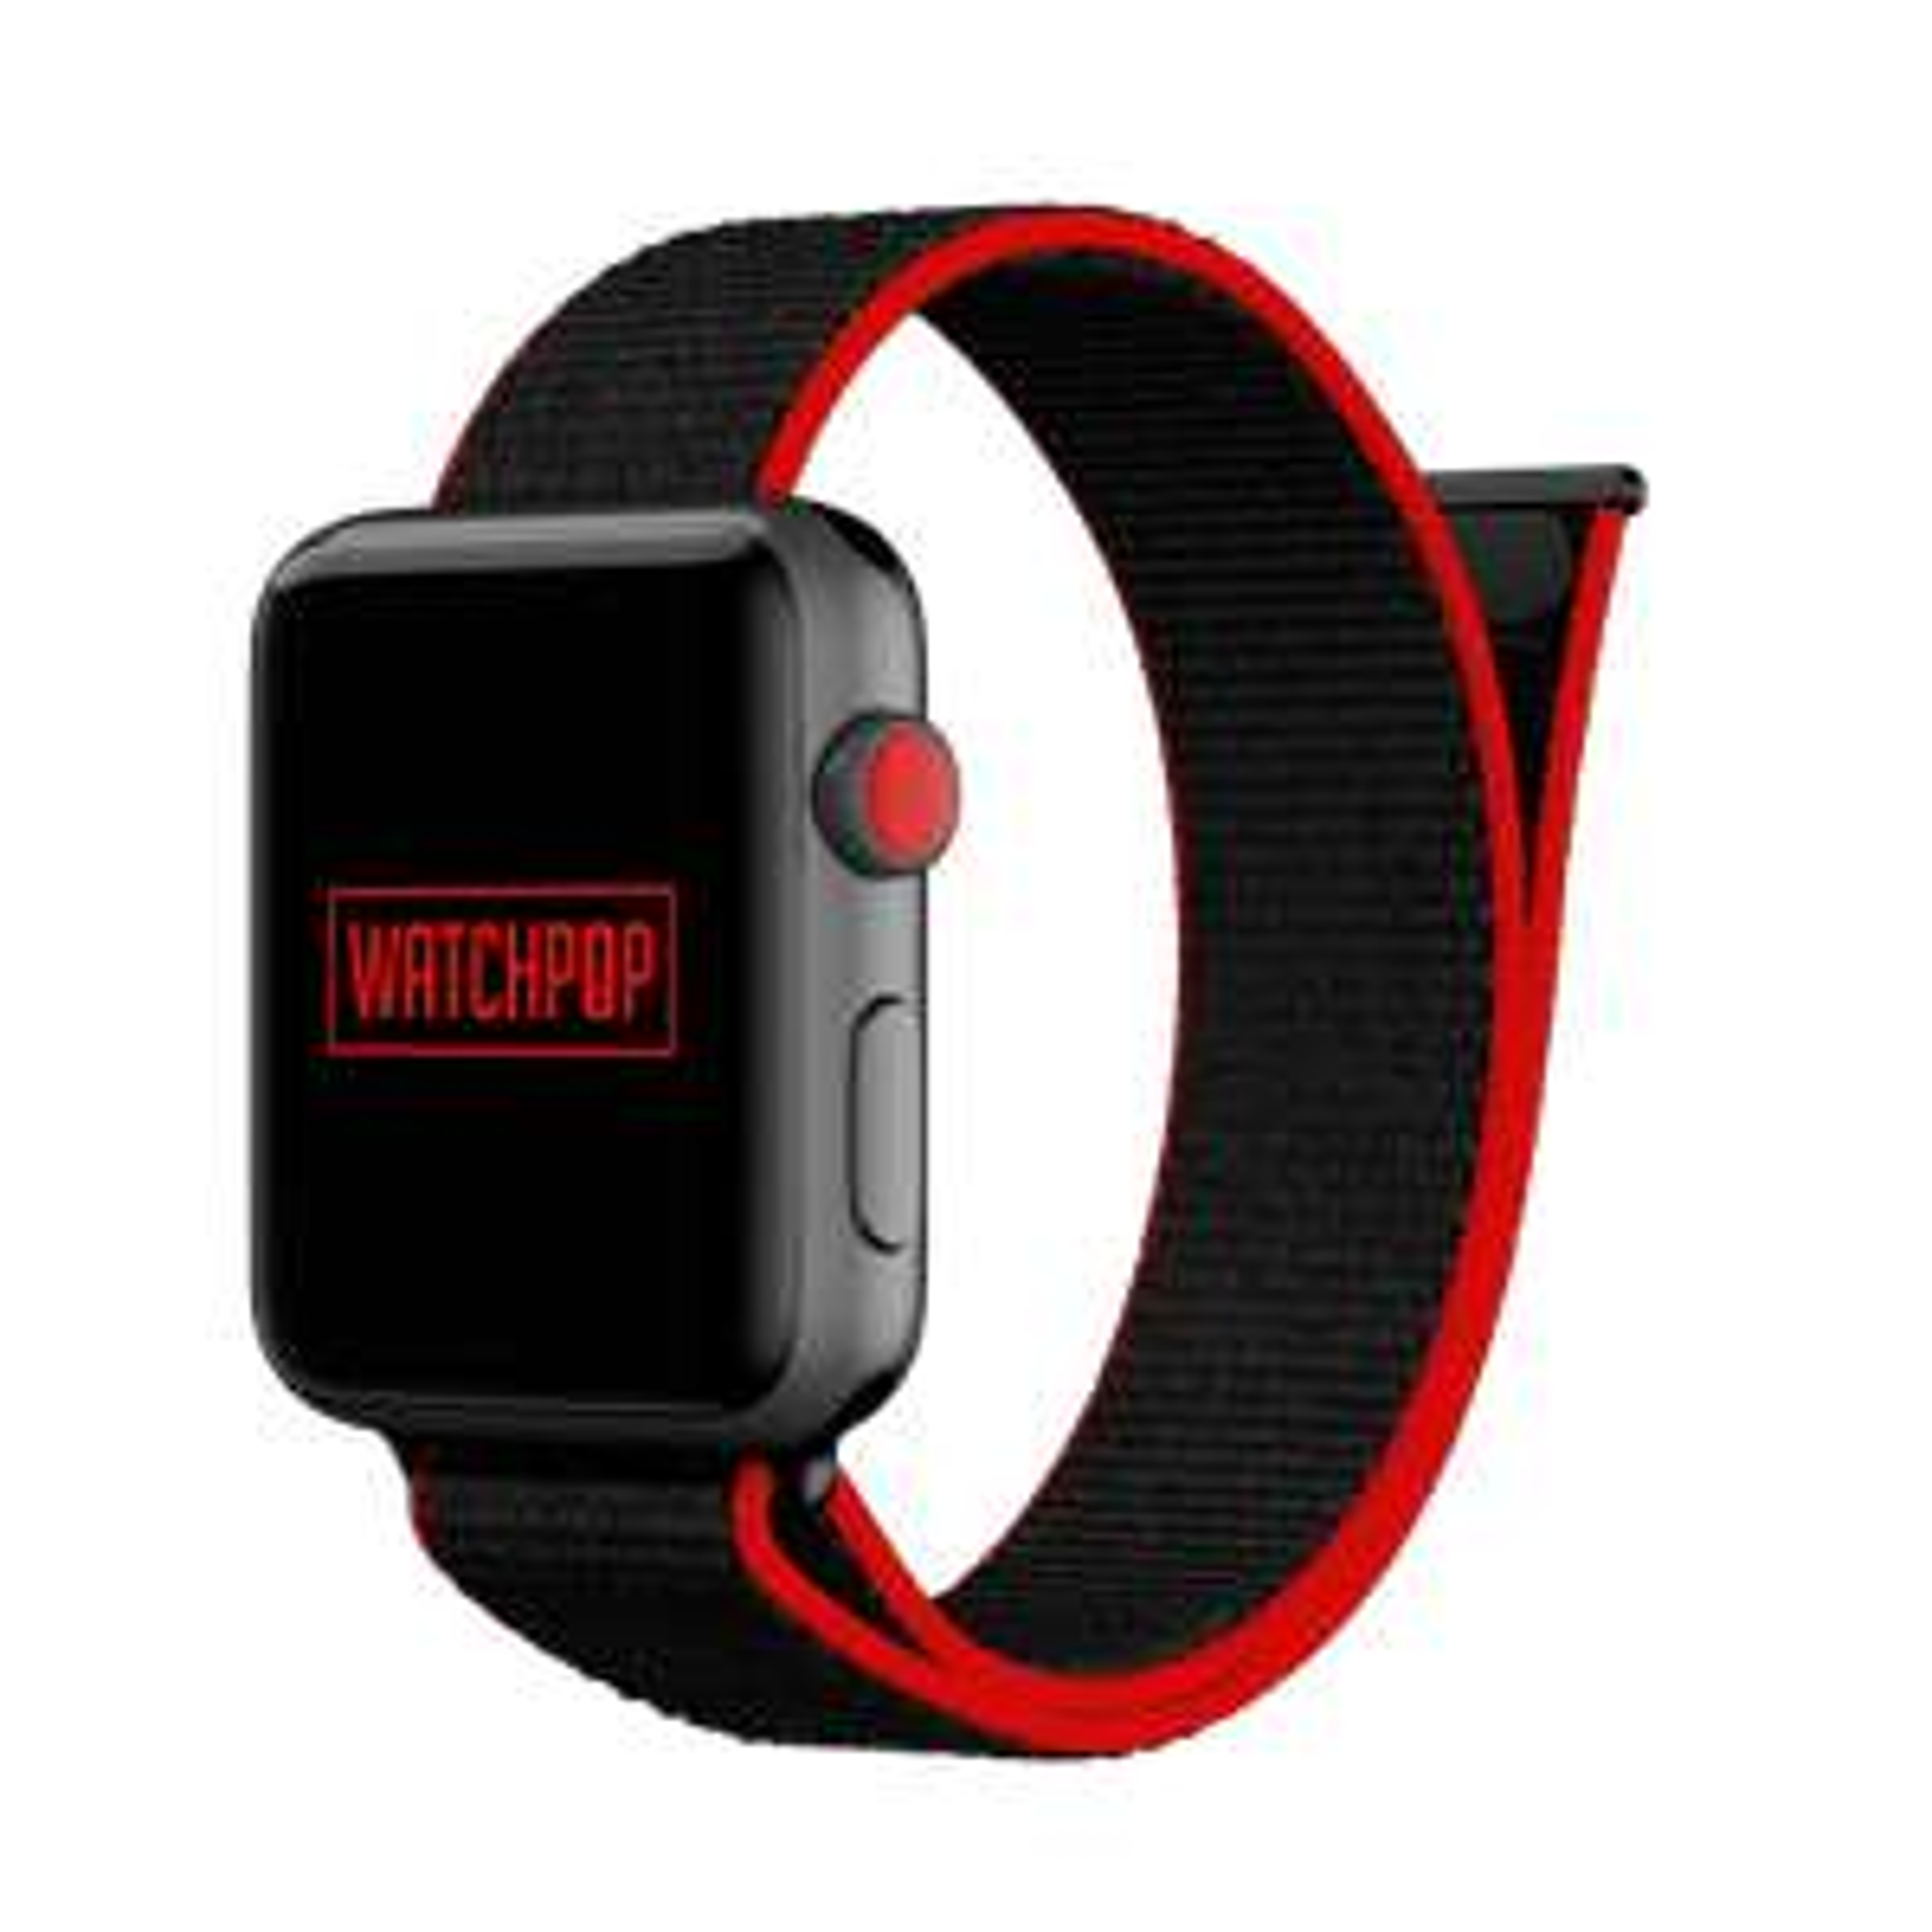 Bluestein Ostersale 20 % auf alles. Apple Watch Zubehör / Armbänder & iPhone Zubehör